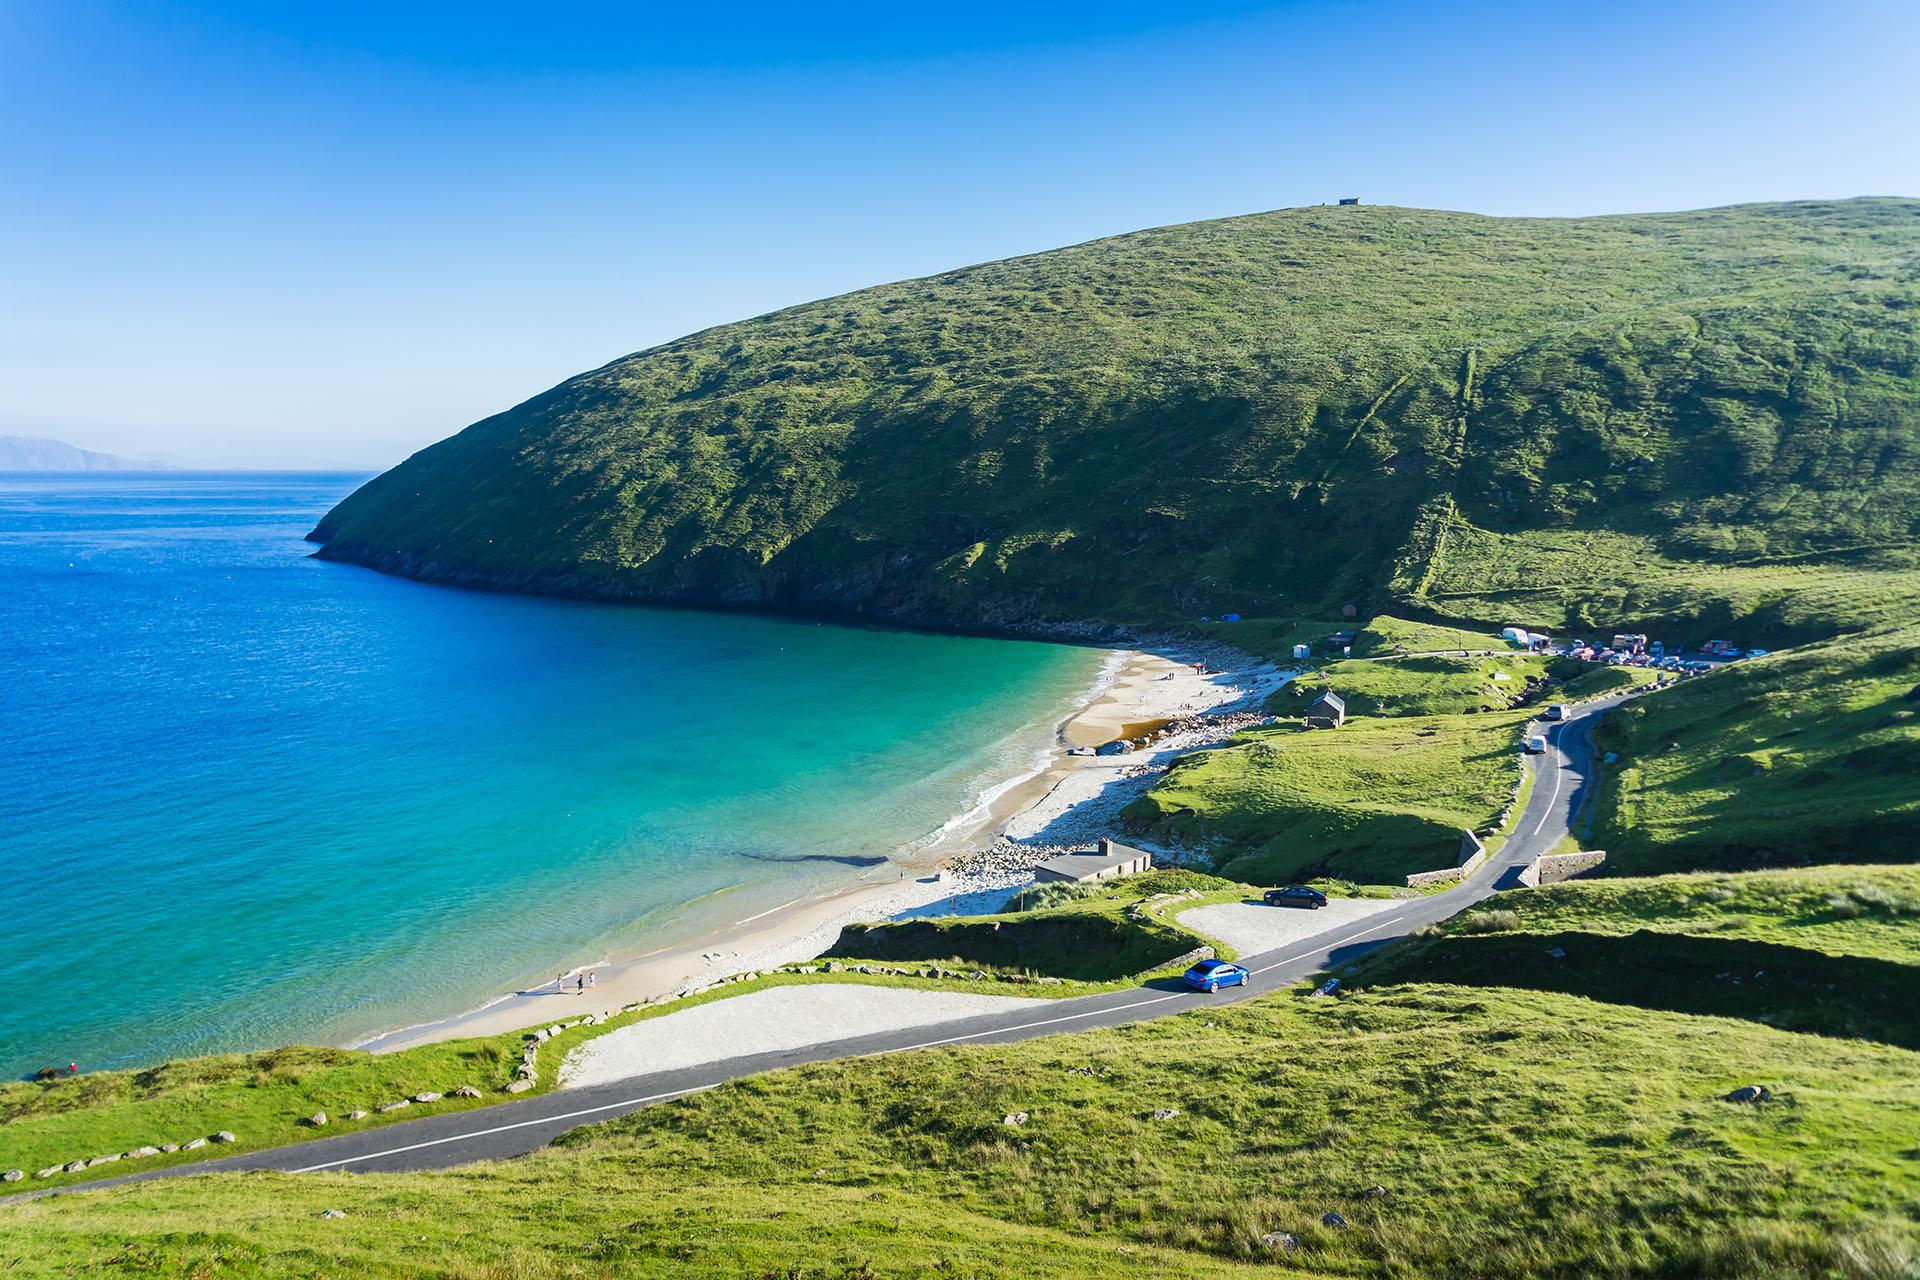 Keem Bay es una impresionante playa rural protegida y rodeada de acantilados en la isla más grande de Irlanda: la isla Achill. Su reluciente arena blanca se puede ver desde las rutas e invita a los viajeros a parar para refrescarse